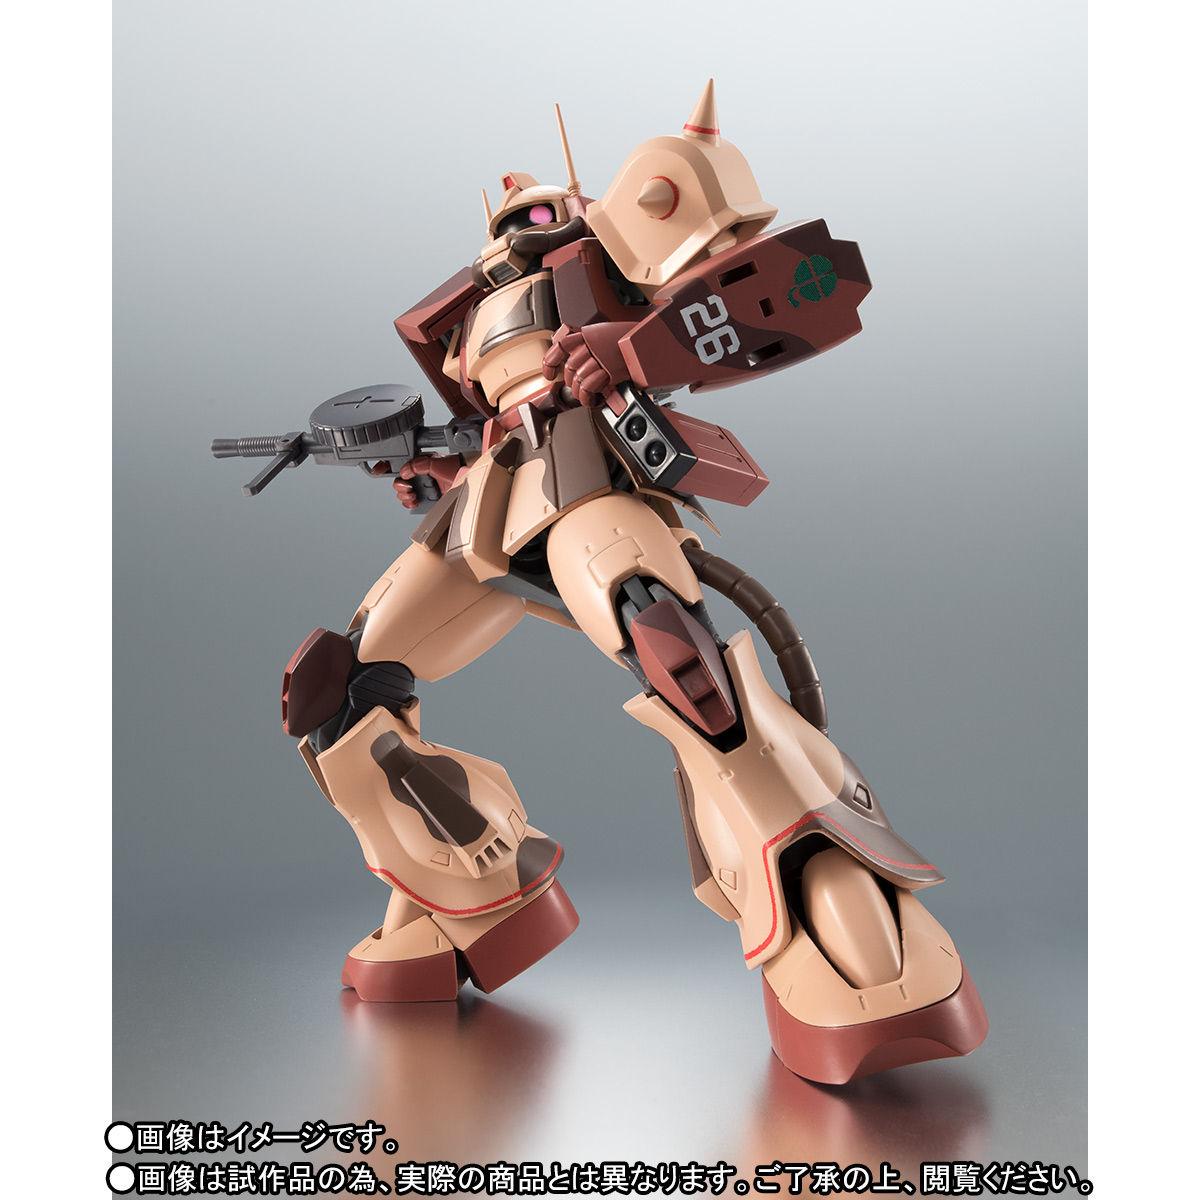 ROBOT魂〈SIDE MS〉『MS-06D ザク・デザートタイプ カラカル隊所属機』ガンダム モビルスーツバリエーション(MSV)可動フィギュア-002